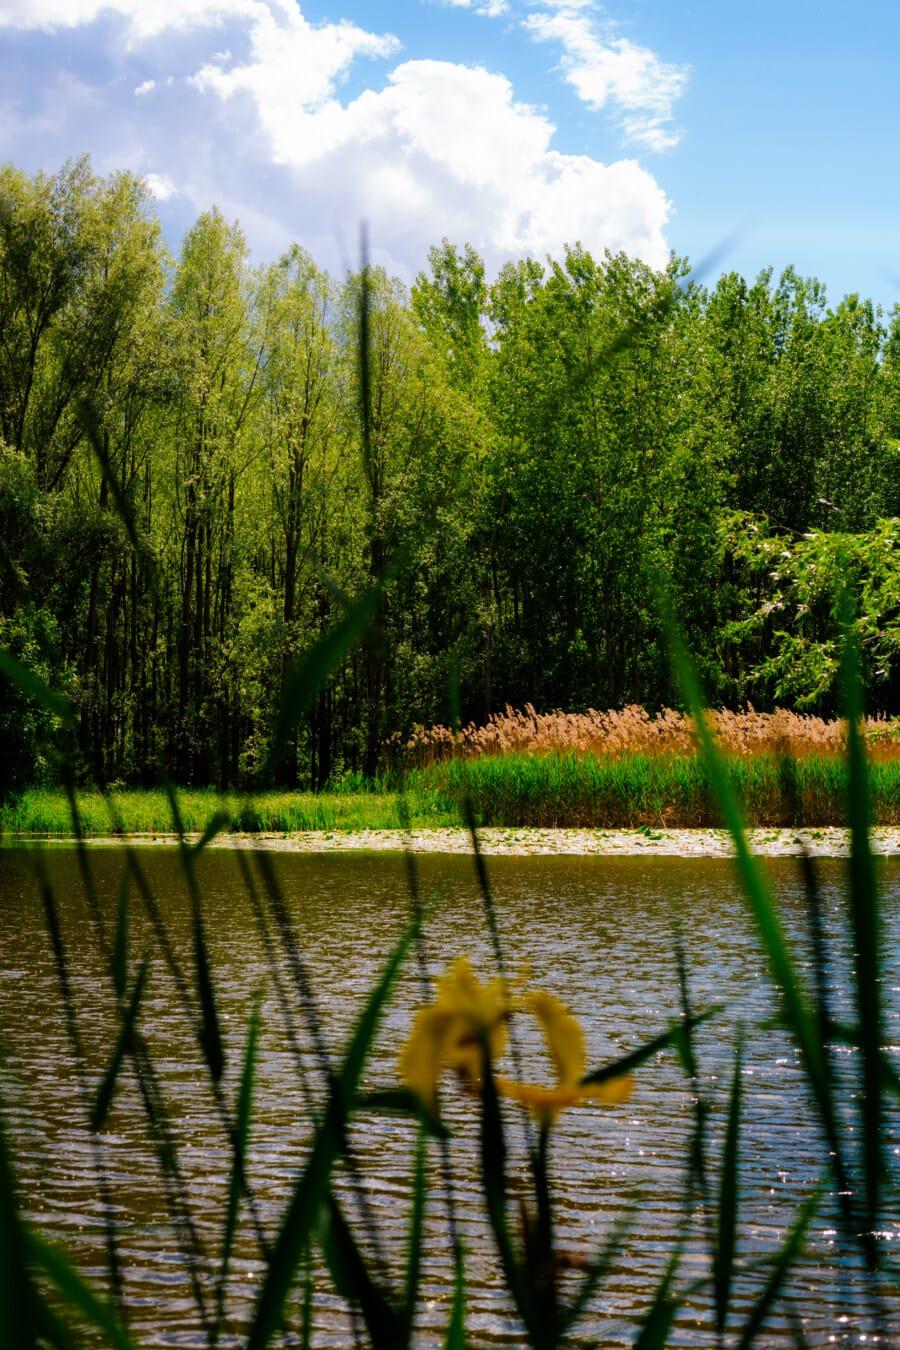 mlaştină, timp de primăvară, mlaştini, copaci, apa, mlastina, copac, zori de zi, pădure, peisaj